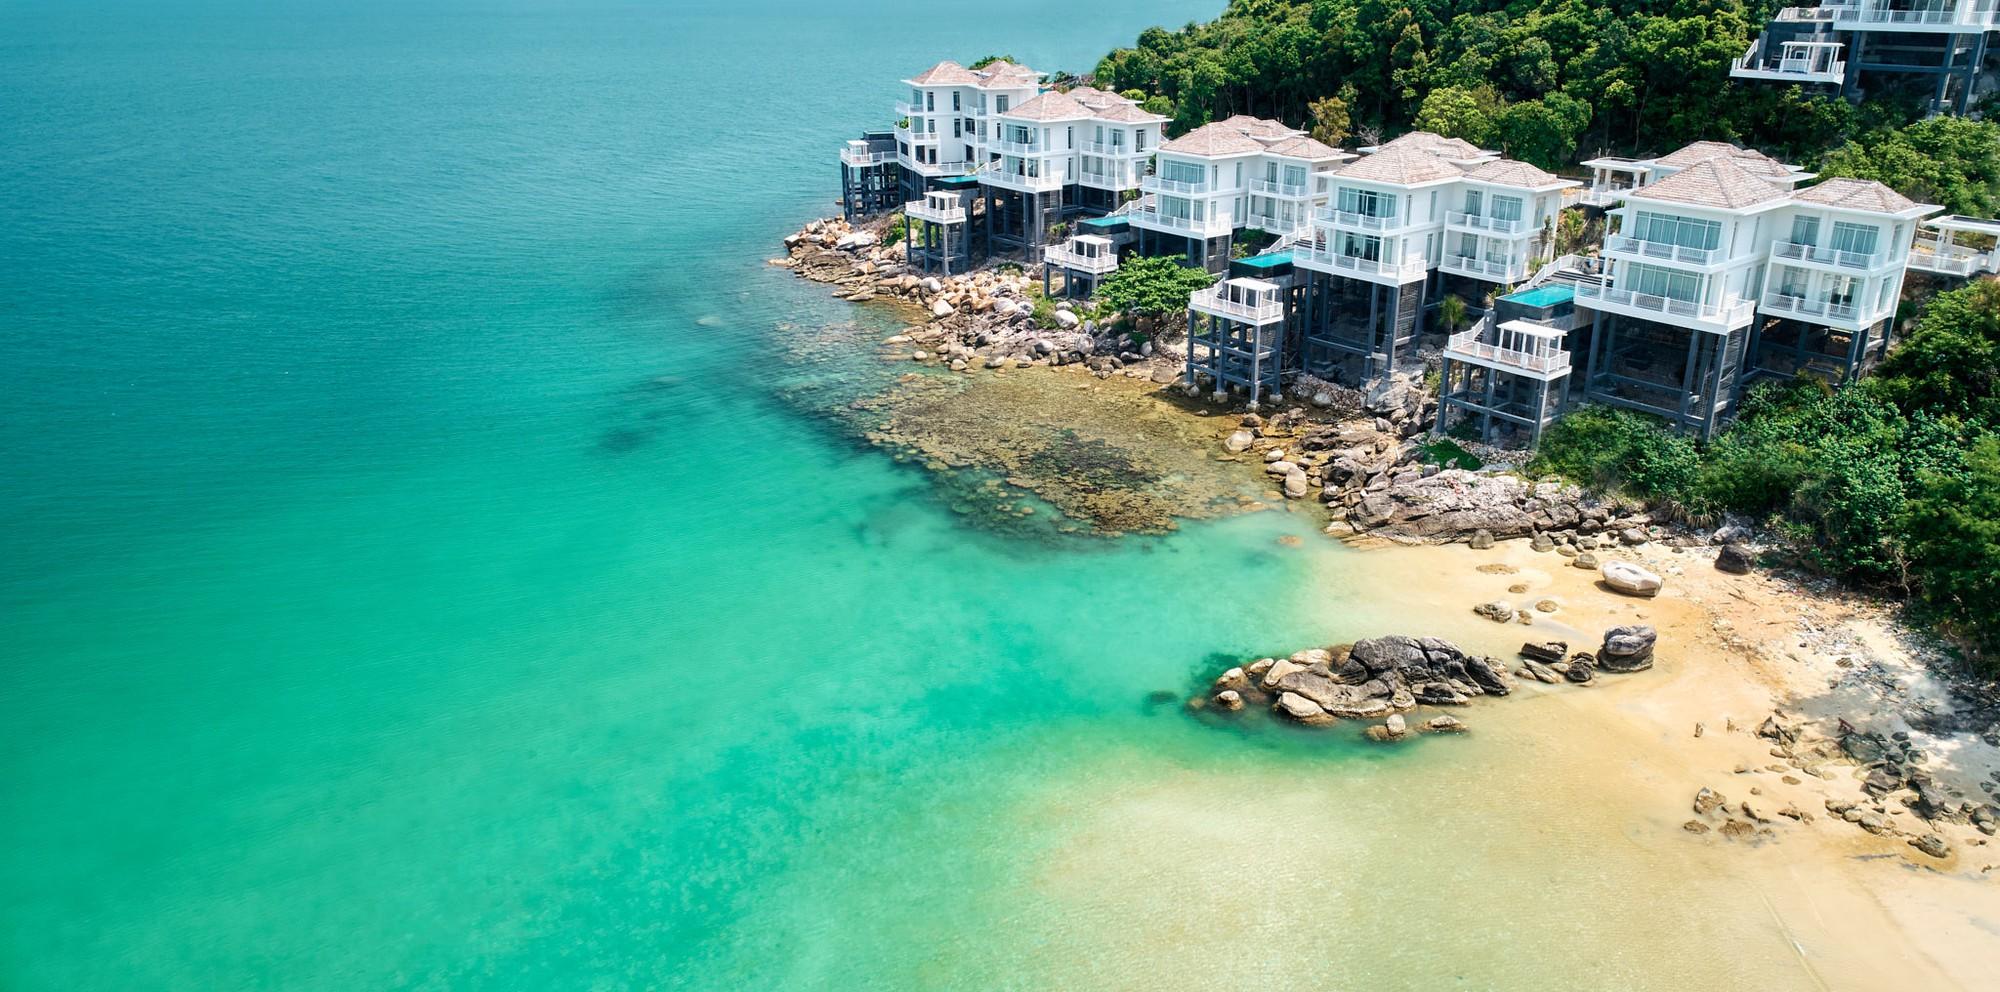 Trải nghiệm nghỉ dưỡng tuyệt vời tại Premier Village Phu Quoc Rs (10)